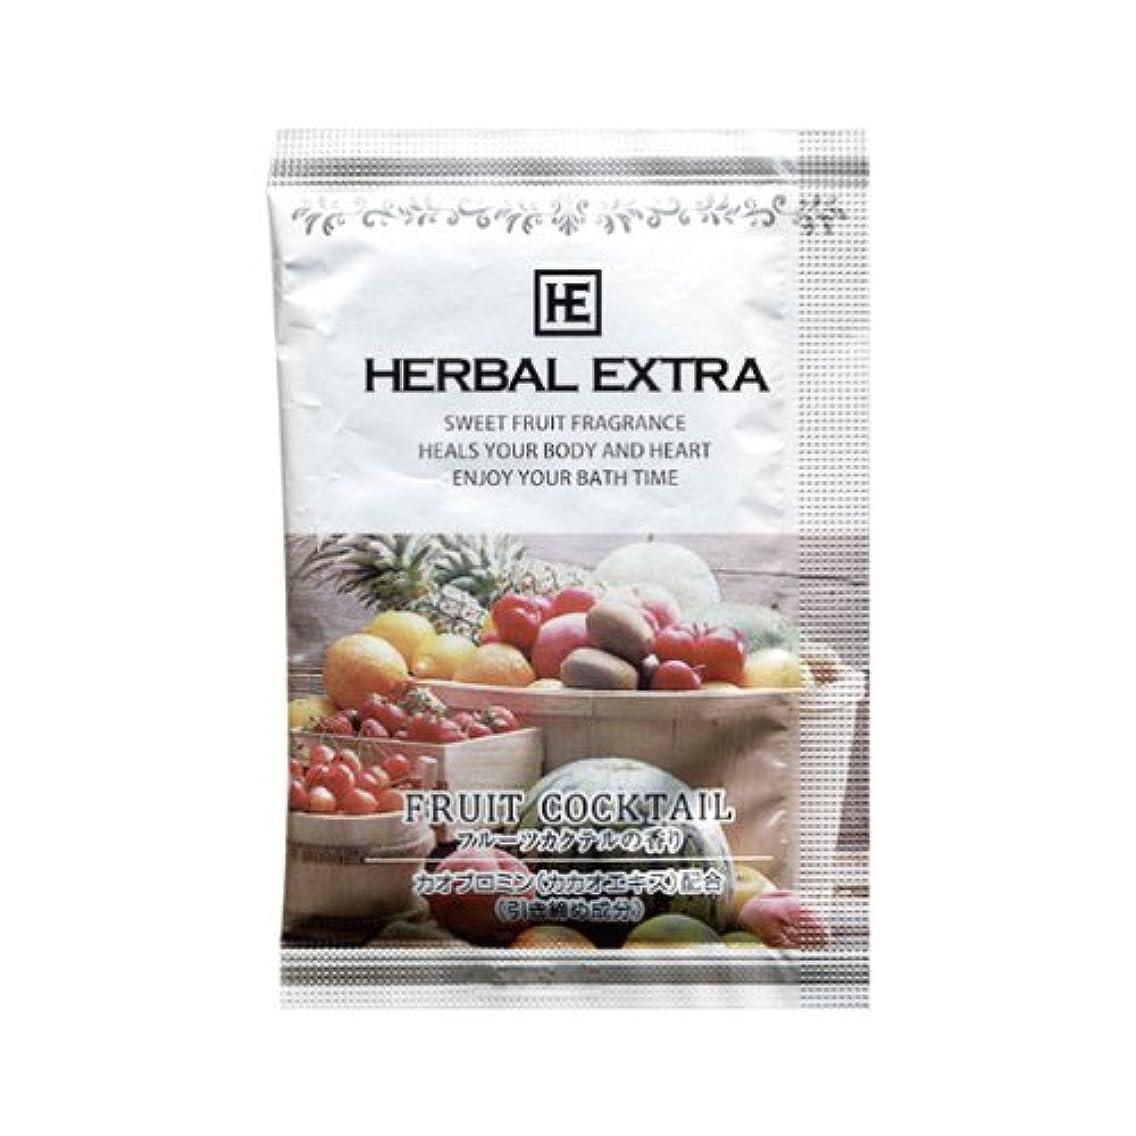 友情モードバトルハーバルエクストラ フルーツカクテルの香り 12包